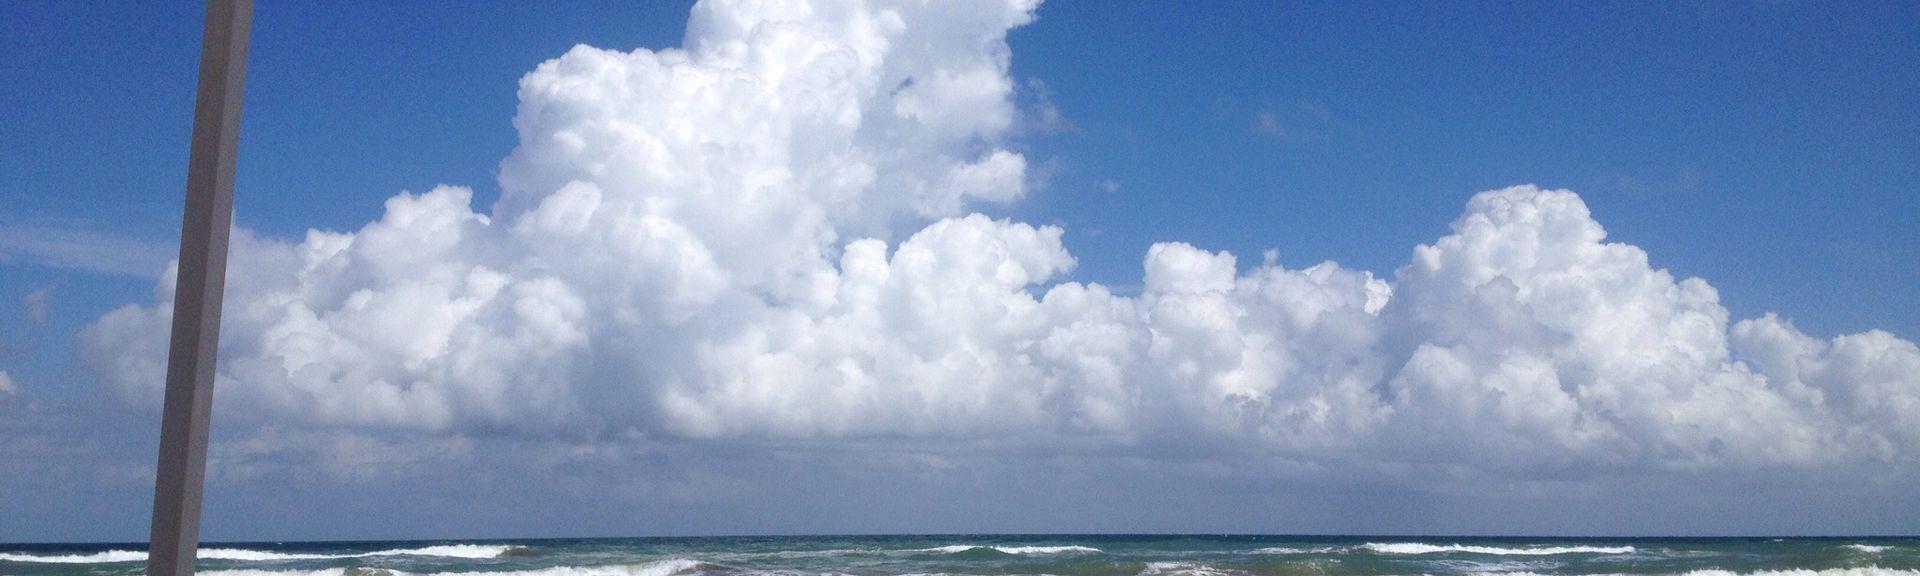 Bahia Mar (Isla del Padre, Texas, Estados Unidos)